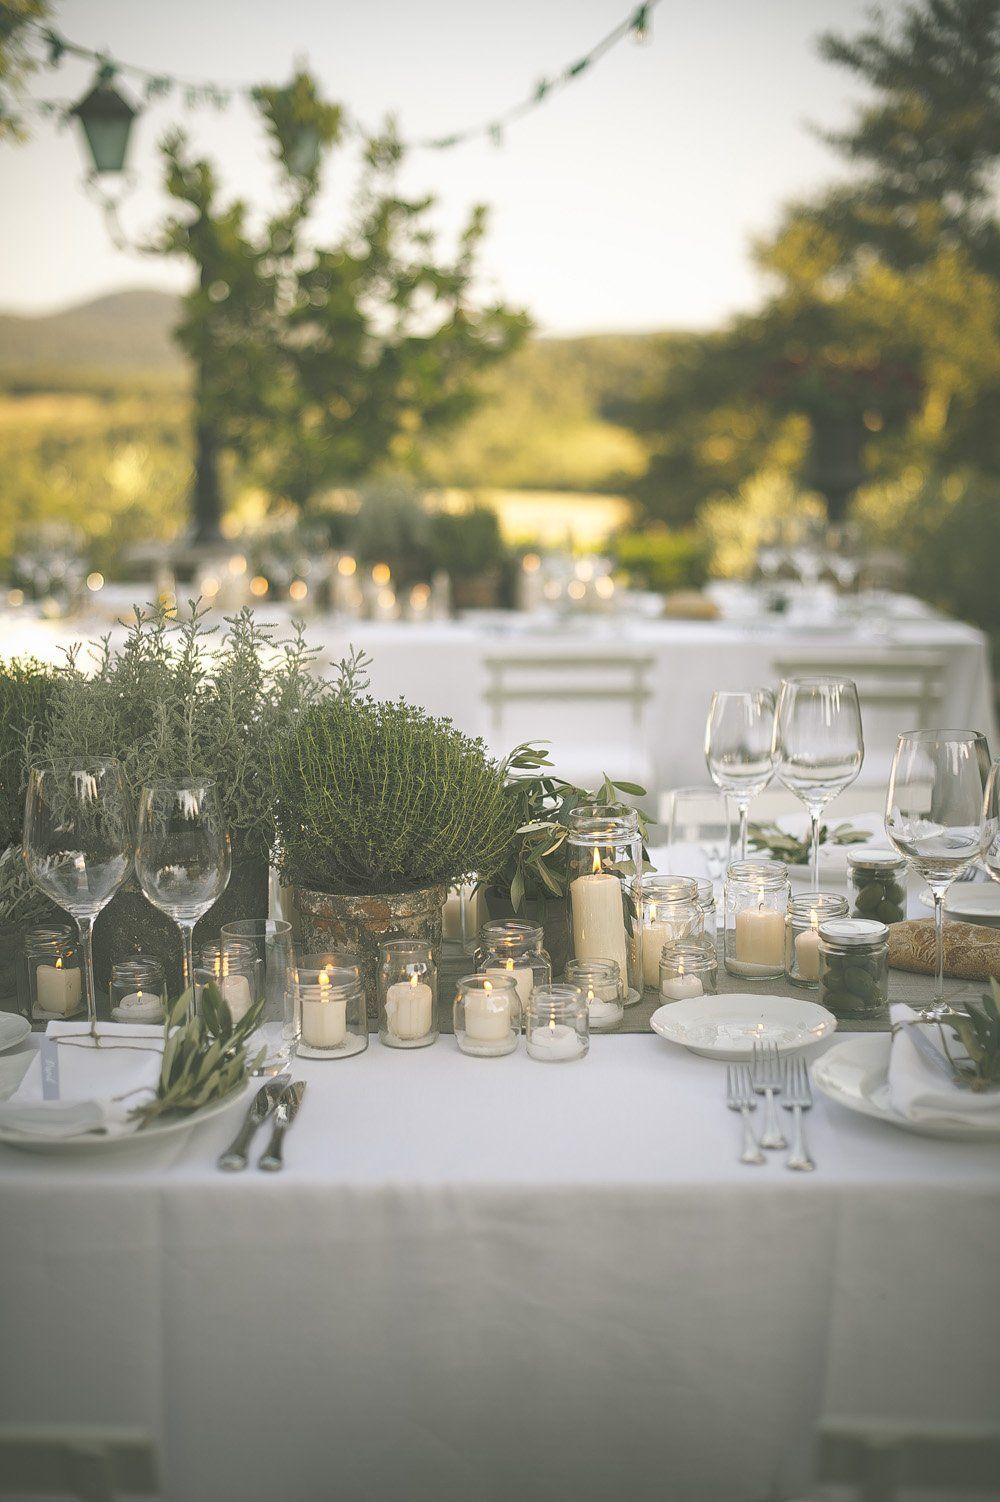 the perfect romantic italian garden dinner party herrlicher die hochzeit und tischdeko. Black Bedroom Furniture Sets. Home Design Ideas